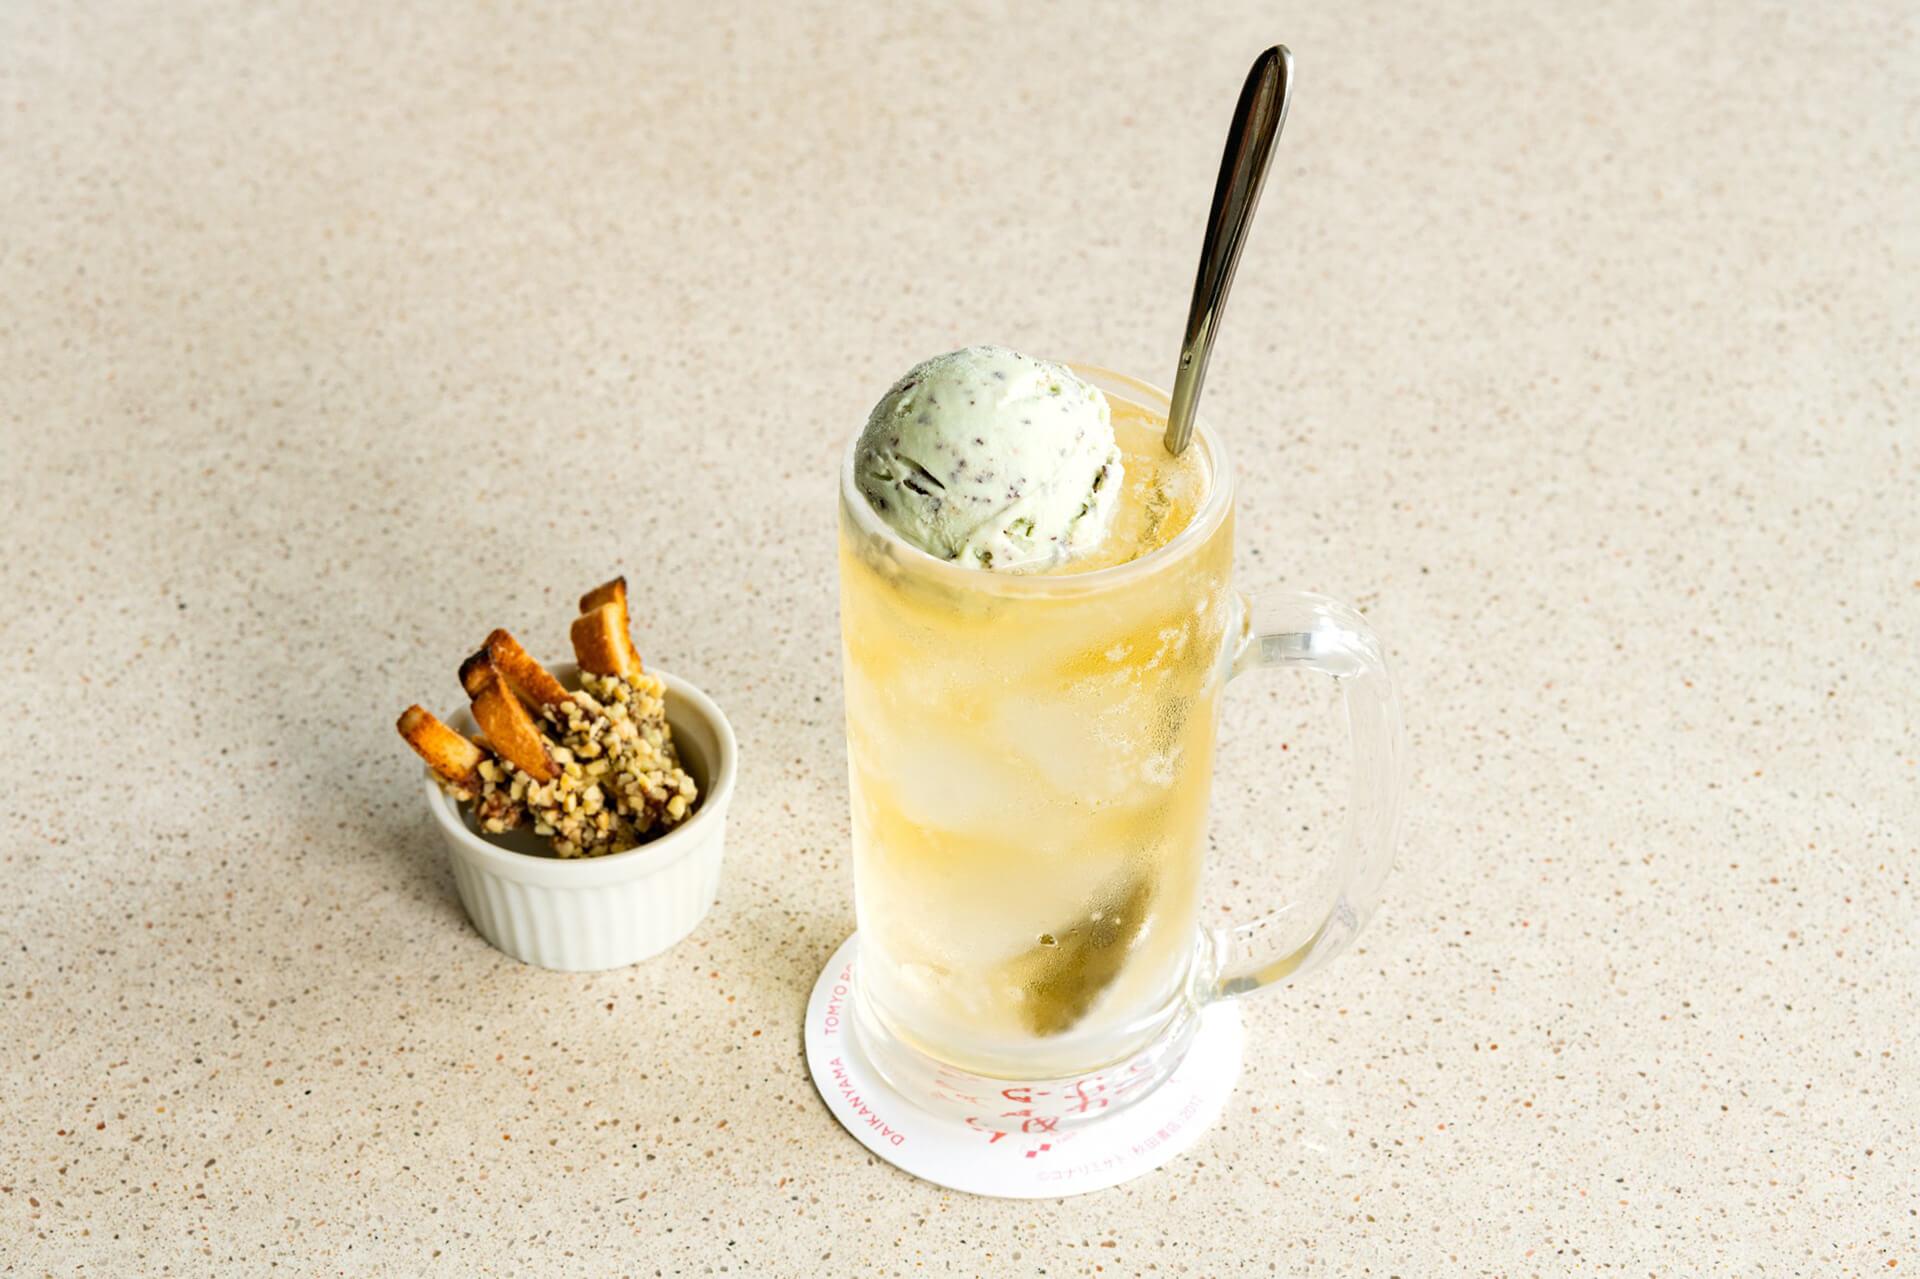 この写真は「豆苗カフェ」で販売する、チョコミントハイボール & パンの耳チョコスティック です